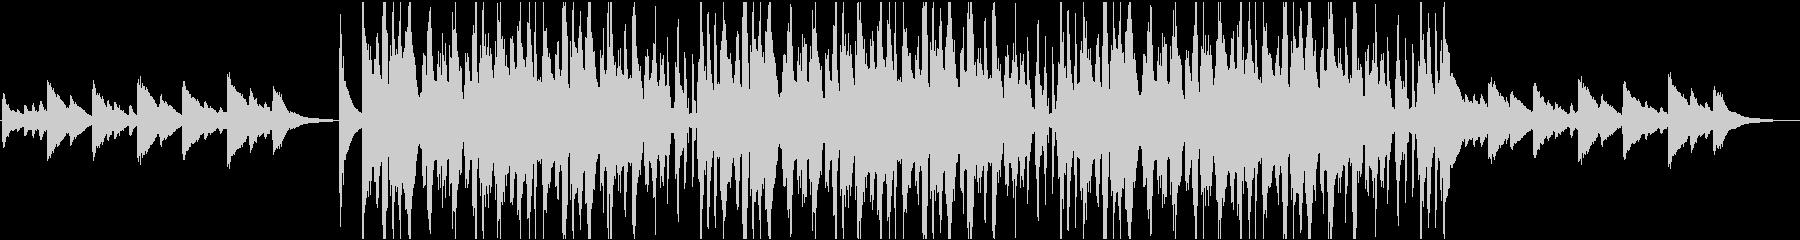 ビブラフォンでの悲しいコード進行は...の未再生の波形